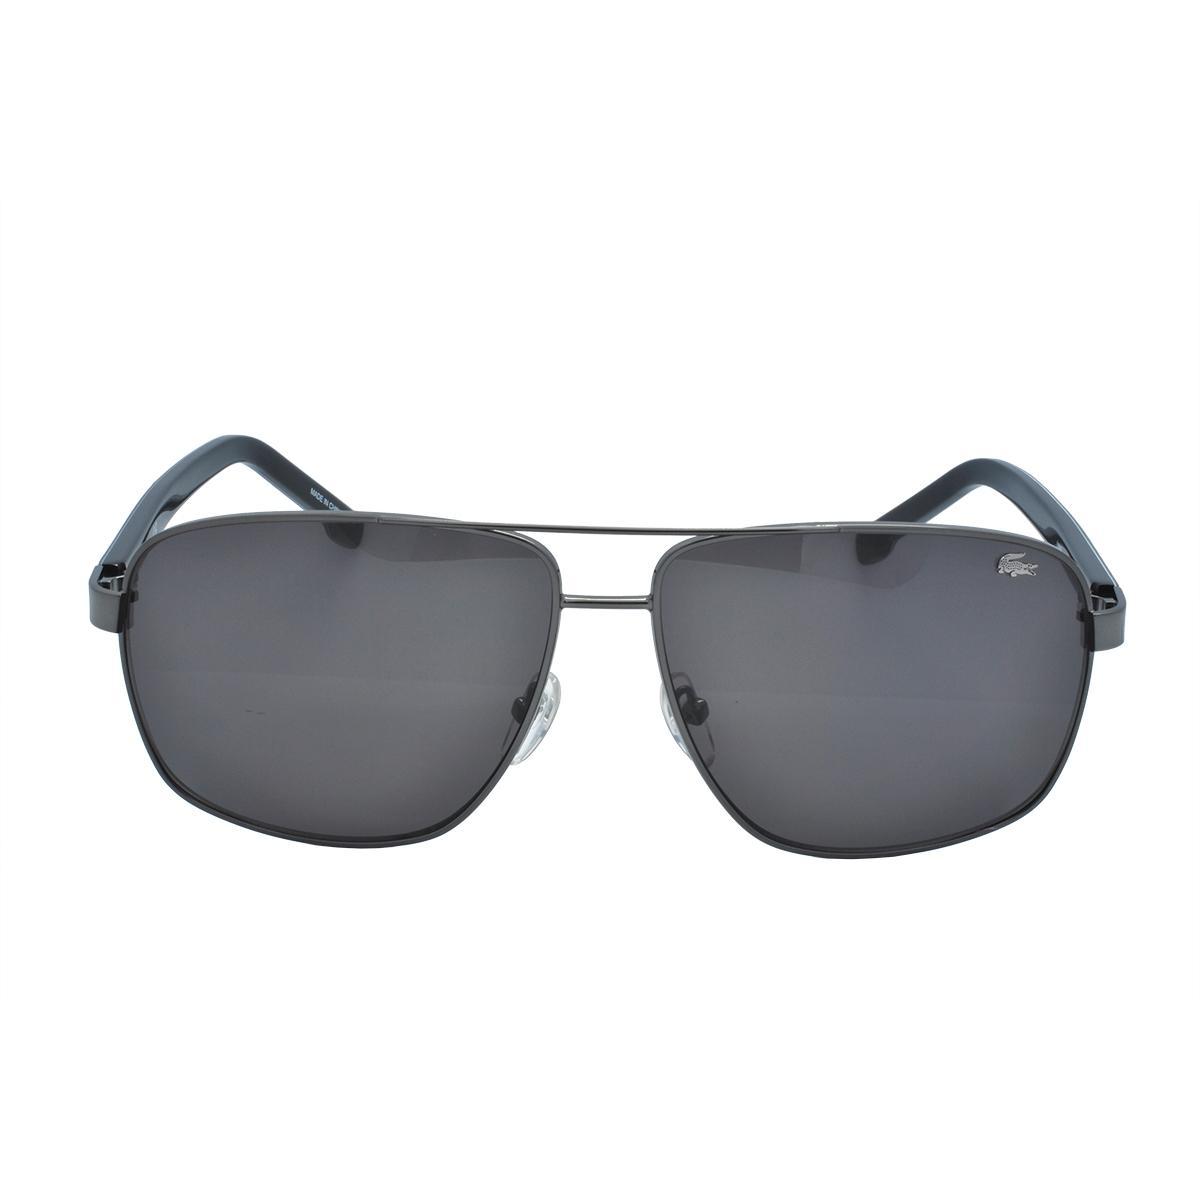 77566df4b9a06 Óculos de Sol Lacoste Masculino L162S 033 - Metal Preto - Óculos de ...